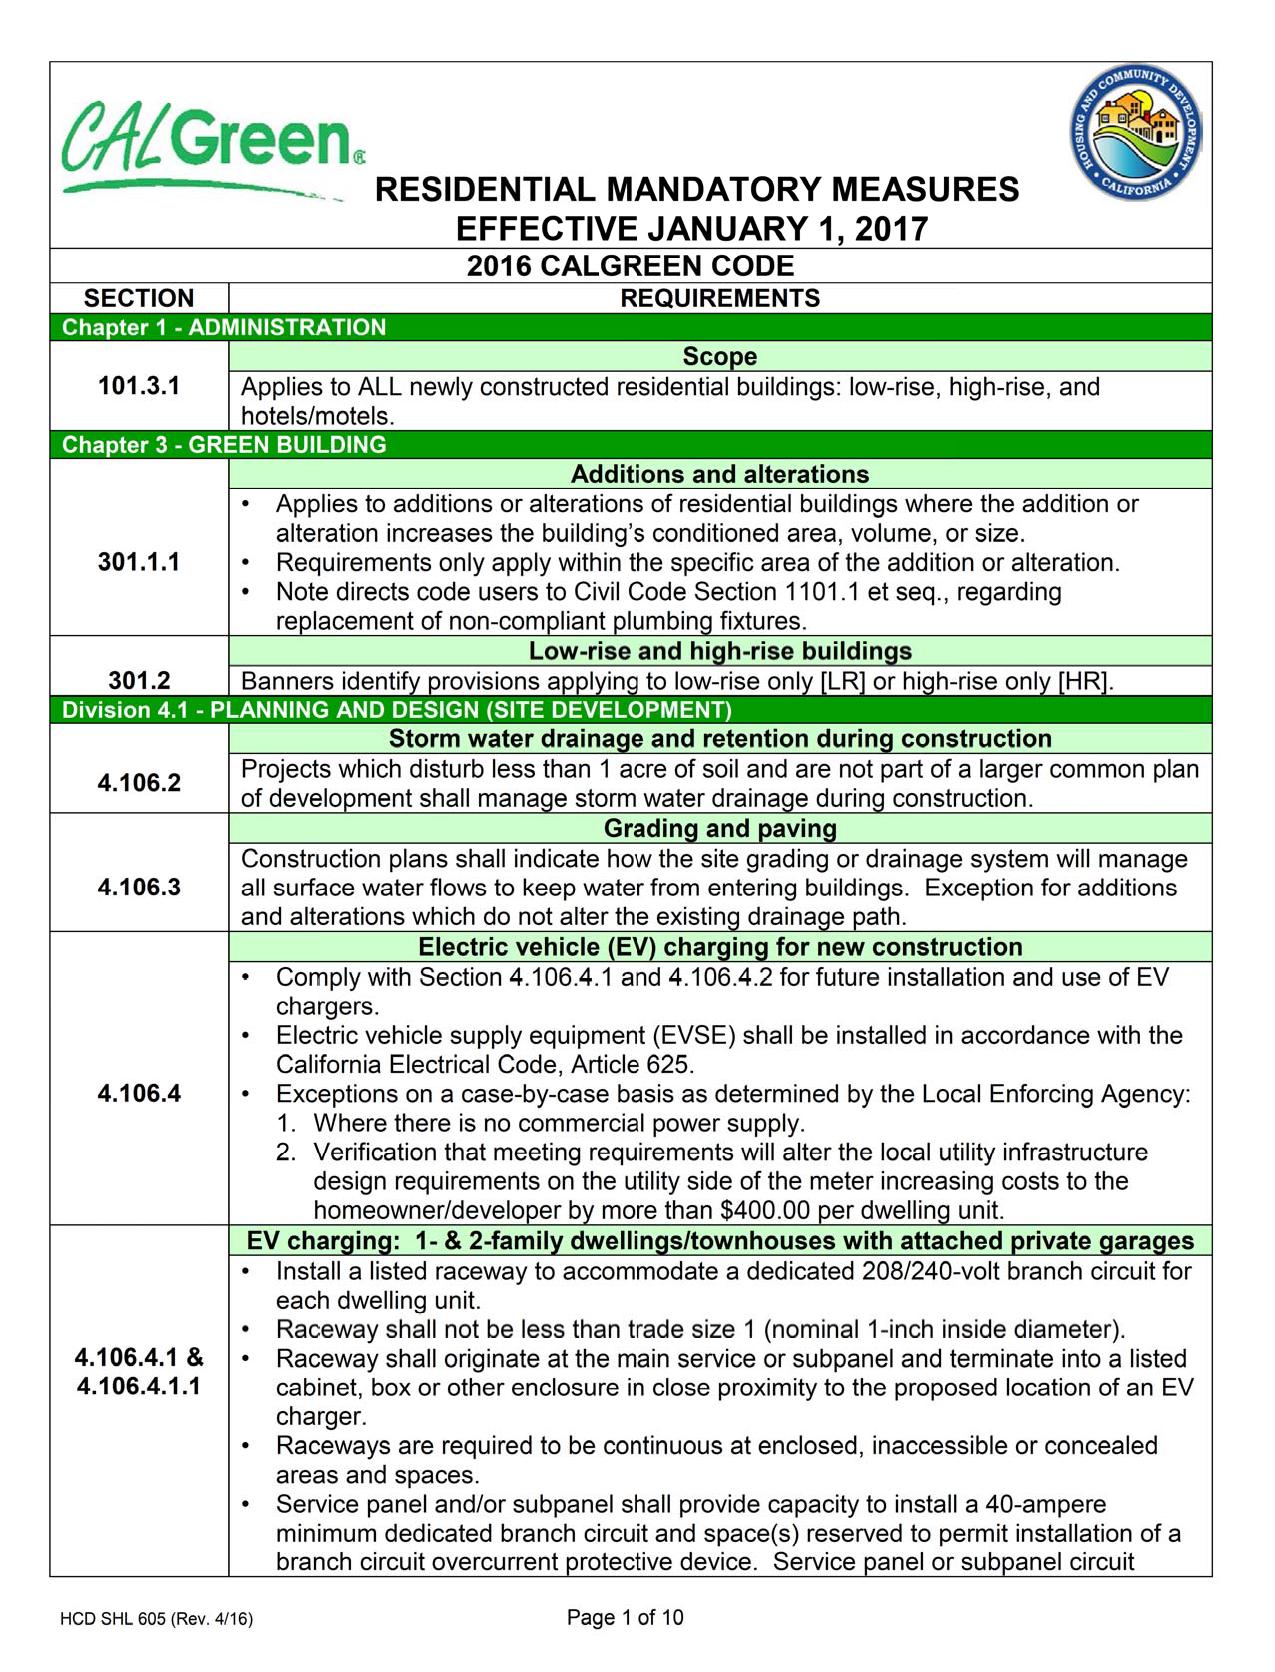 Calgreen Checklist Services Calgreen Energy Services